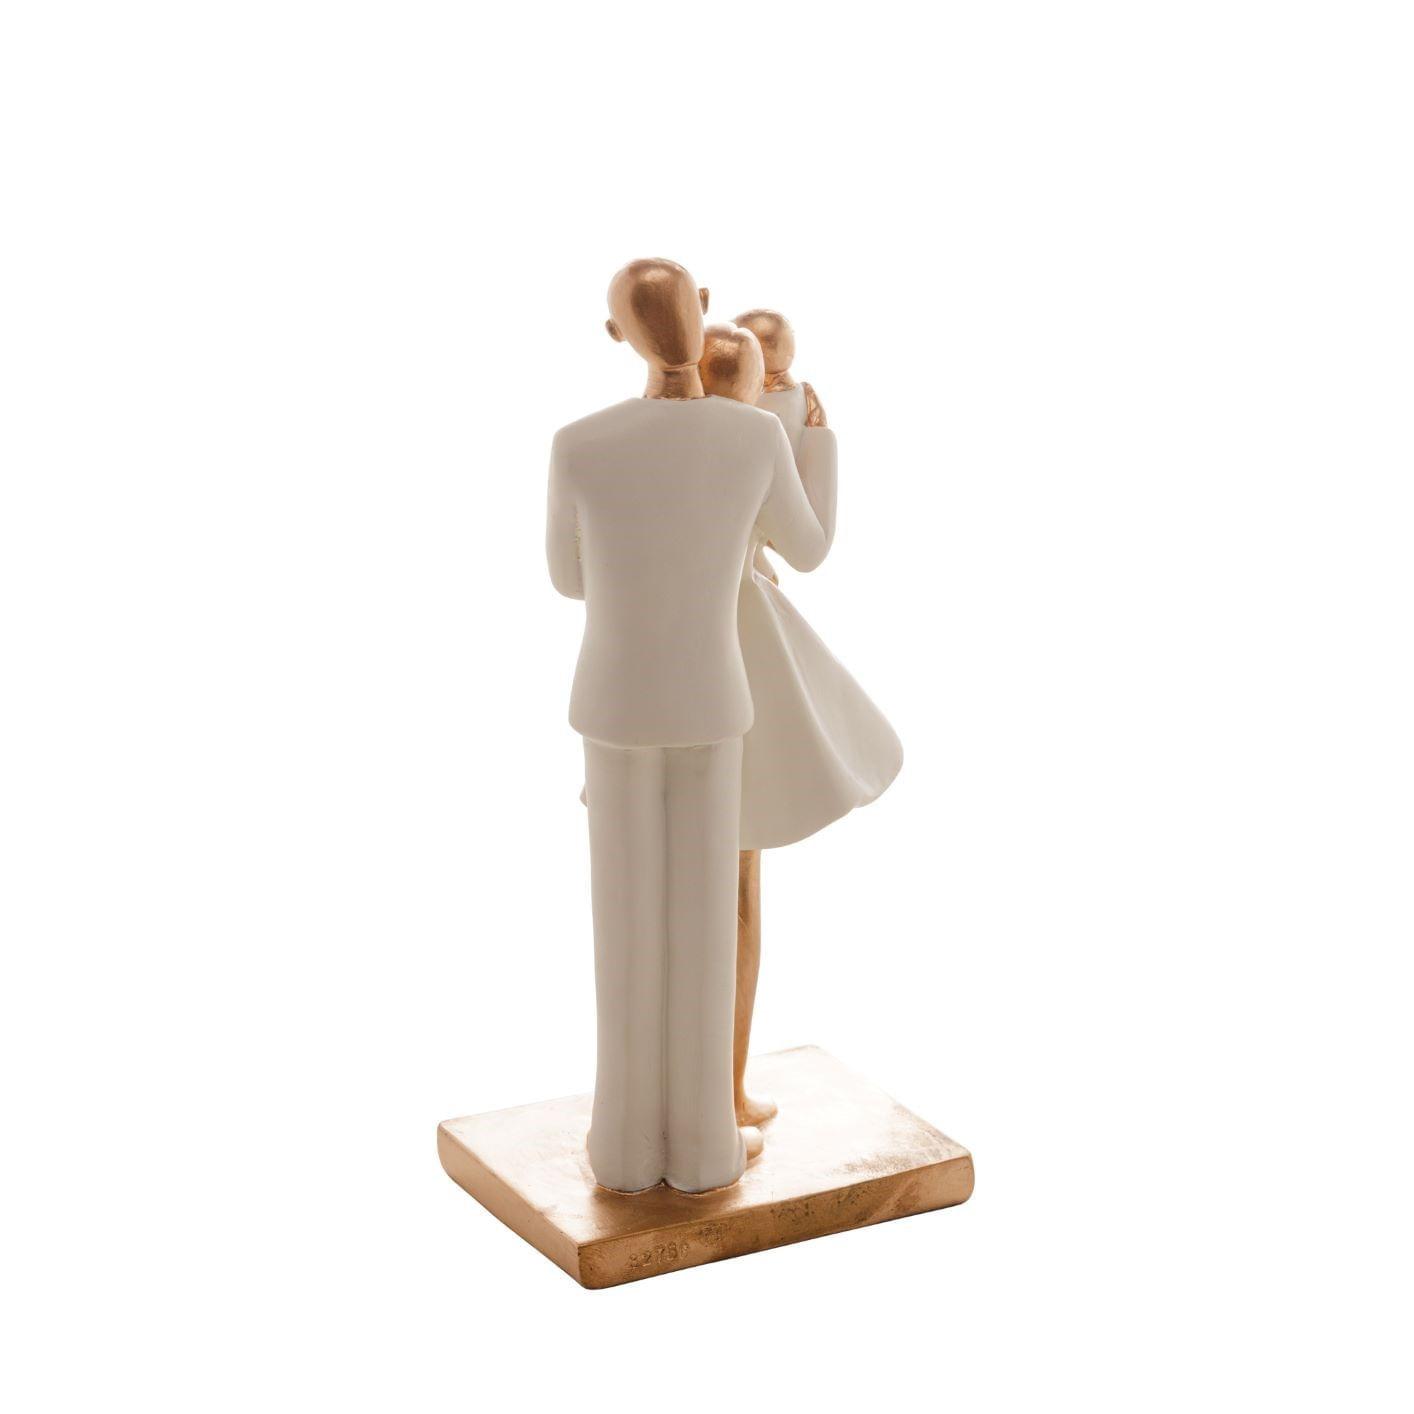 Escultura Decorativa Família: Papai e Mamãe Segurando Filho